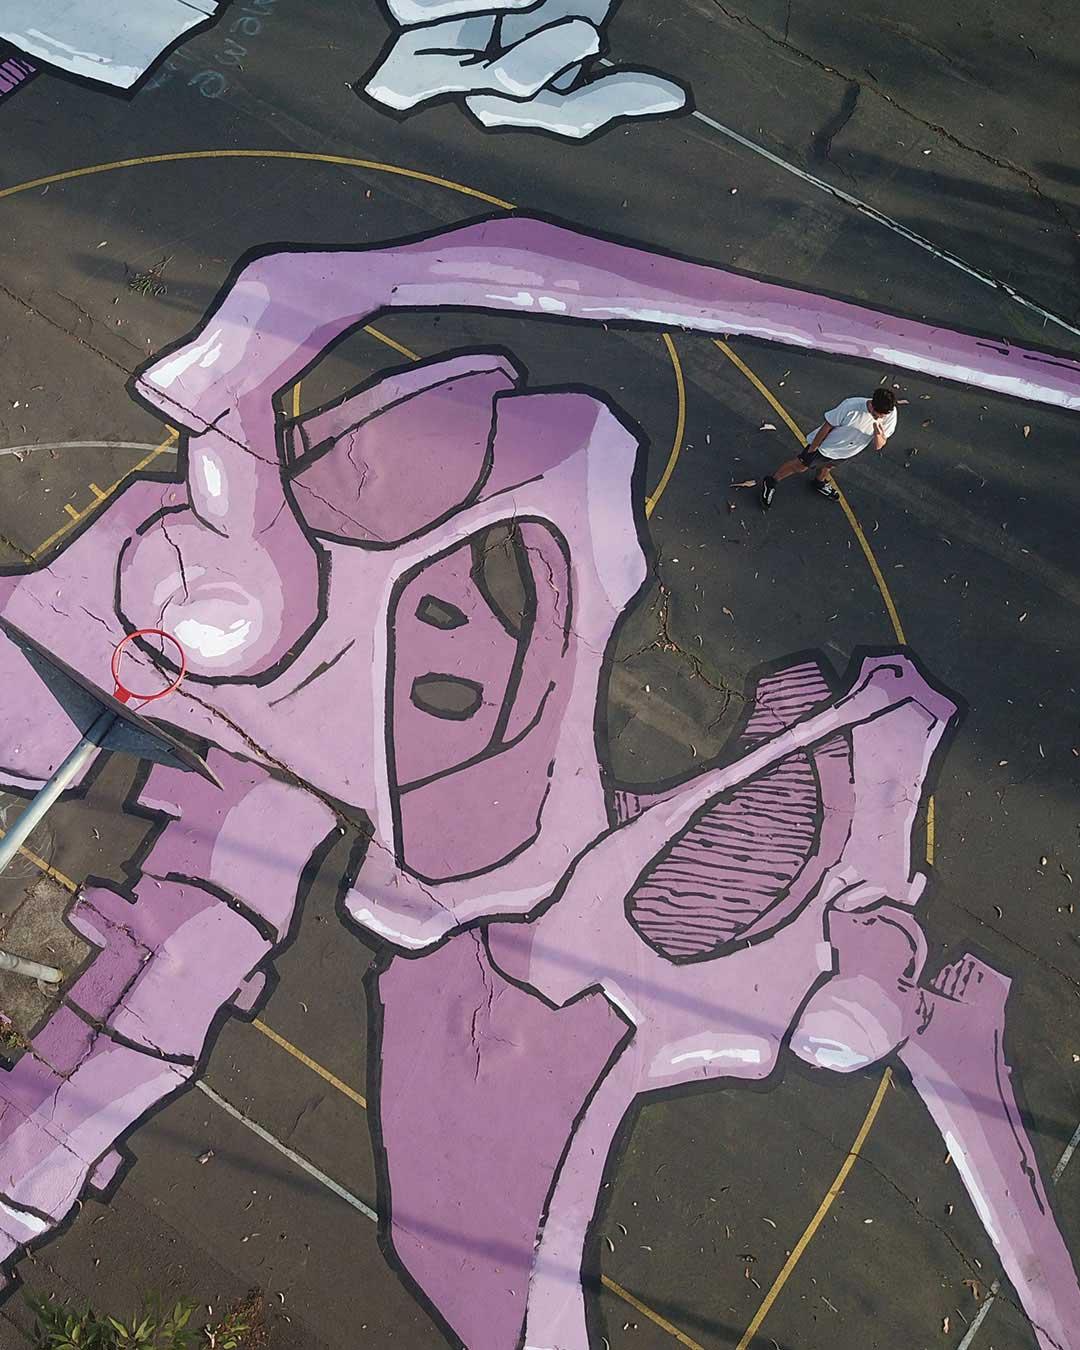 Die gigantischen Boden-Murals von Kitt Bennett Kitt-Bennett-murals_05